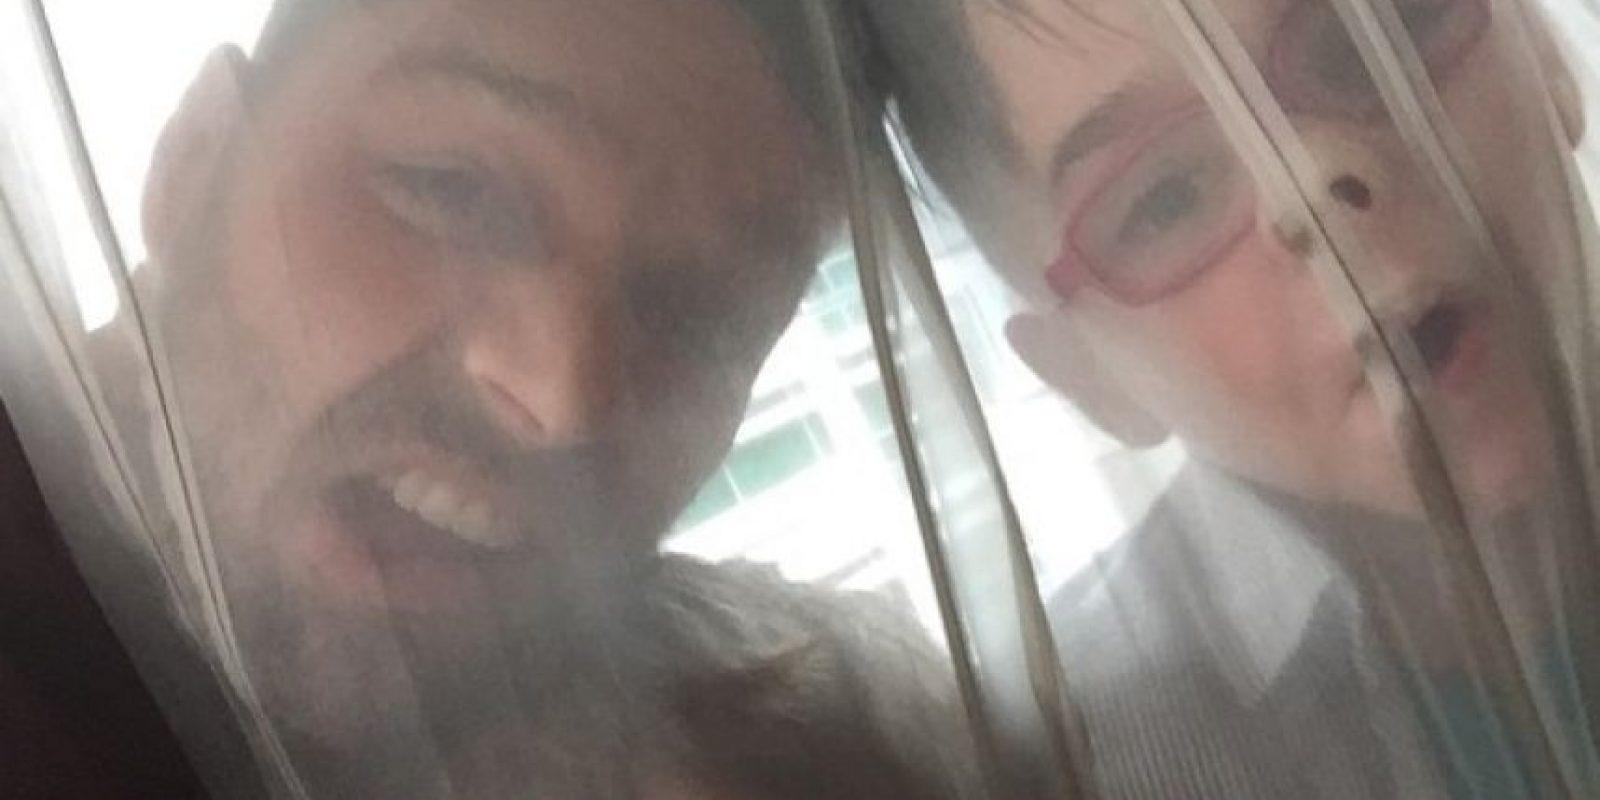 El nacimiento de Valentino y Matteo causó conmoción en el momento en el que Ricky Martin informó que habían sido concebidos en una madre subrogada. Foto:Instagram/RickyMartin